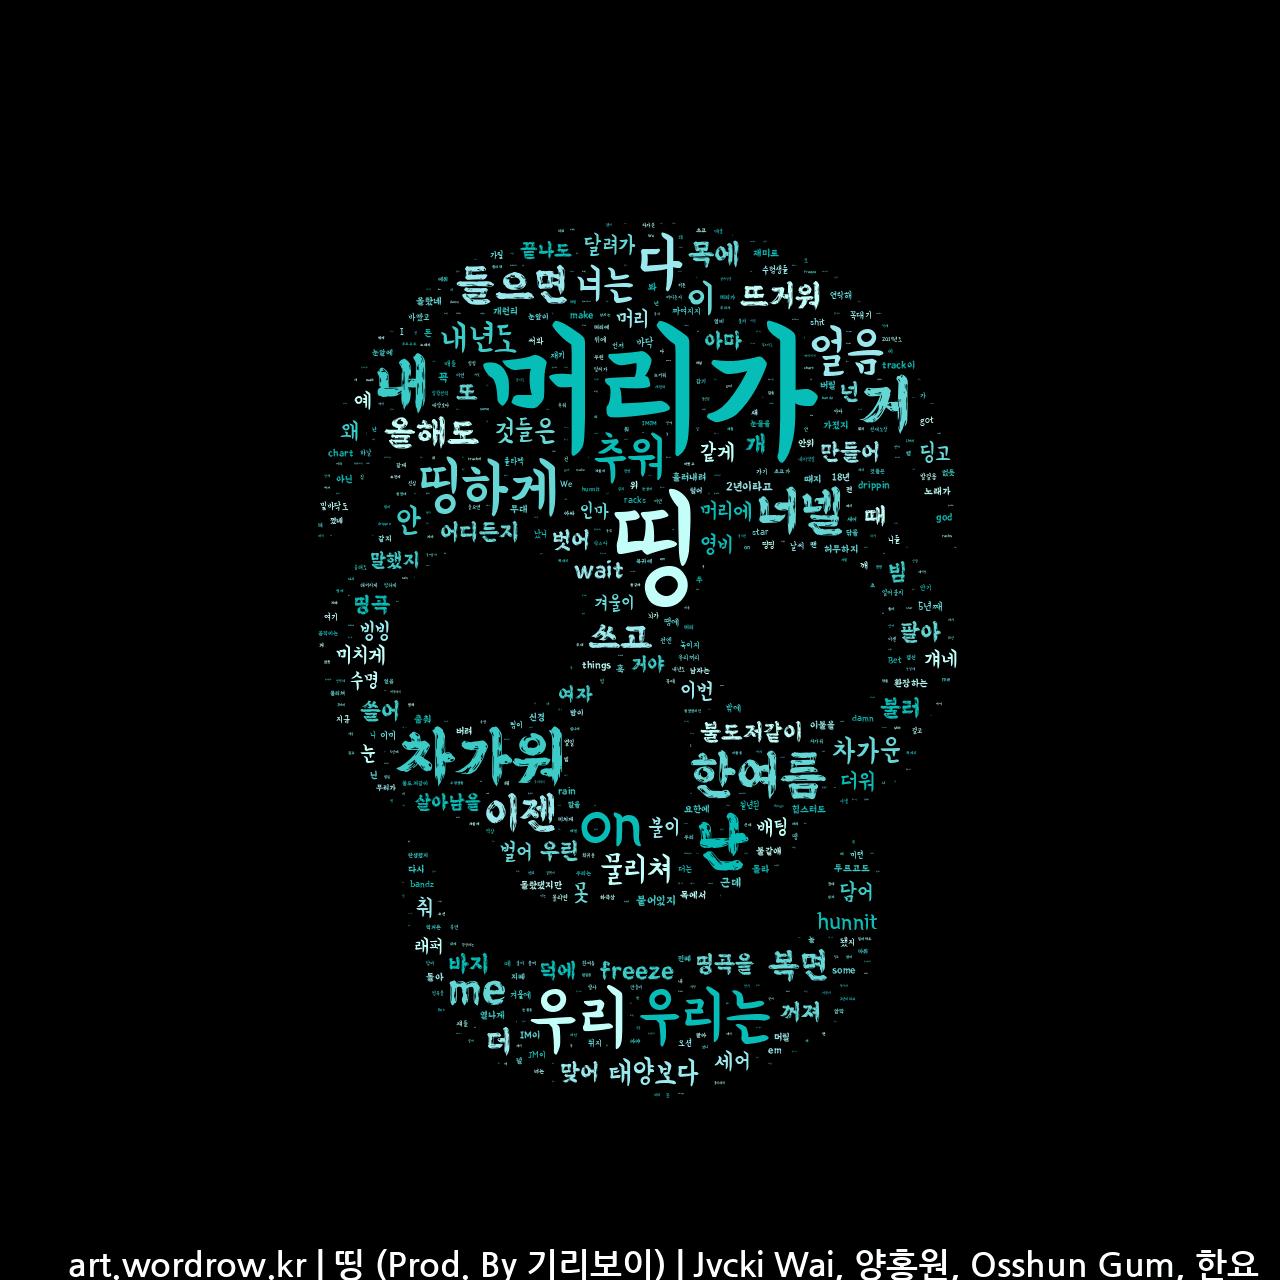 워드 아트: 띵 (Prod. By 기리보이) [Jvcki Wai, 양홍원, Osshun Gum, 한요한]-57